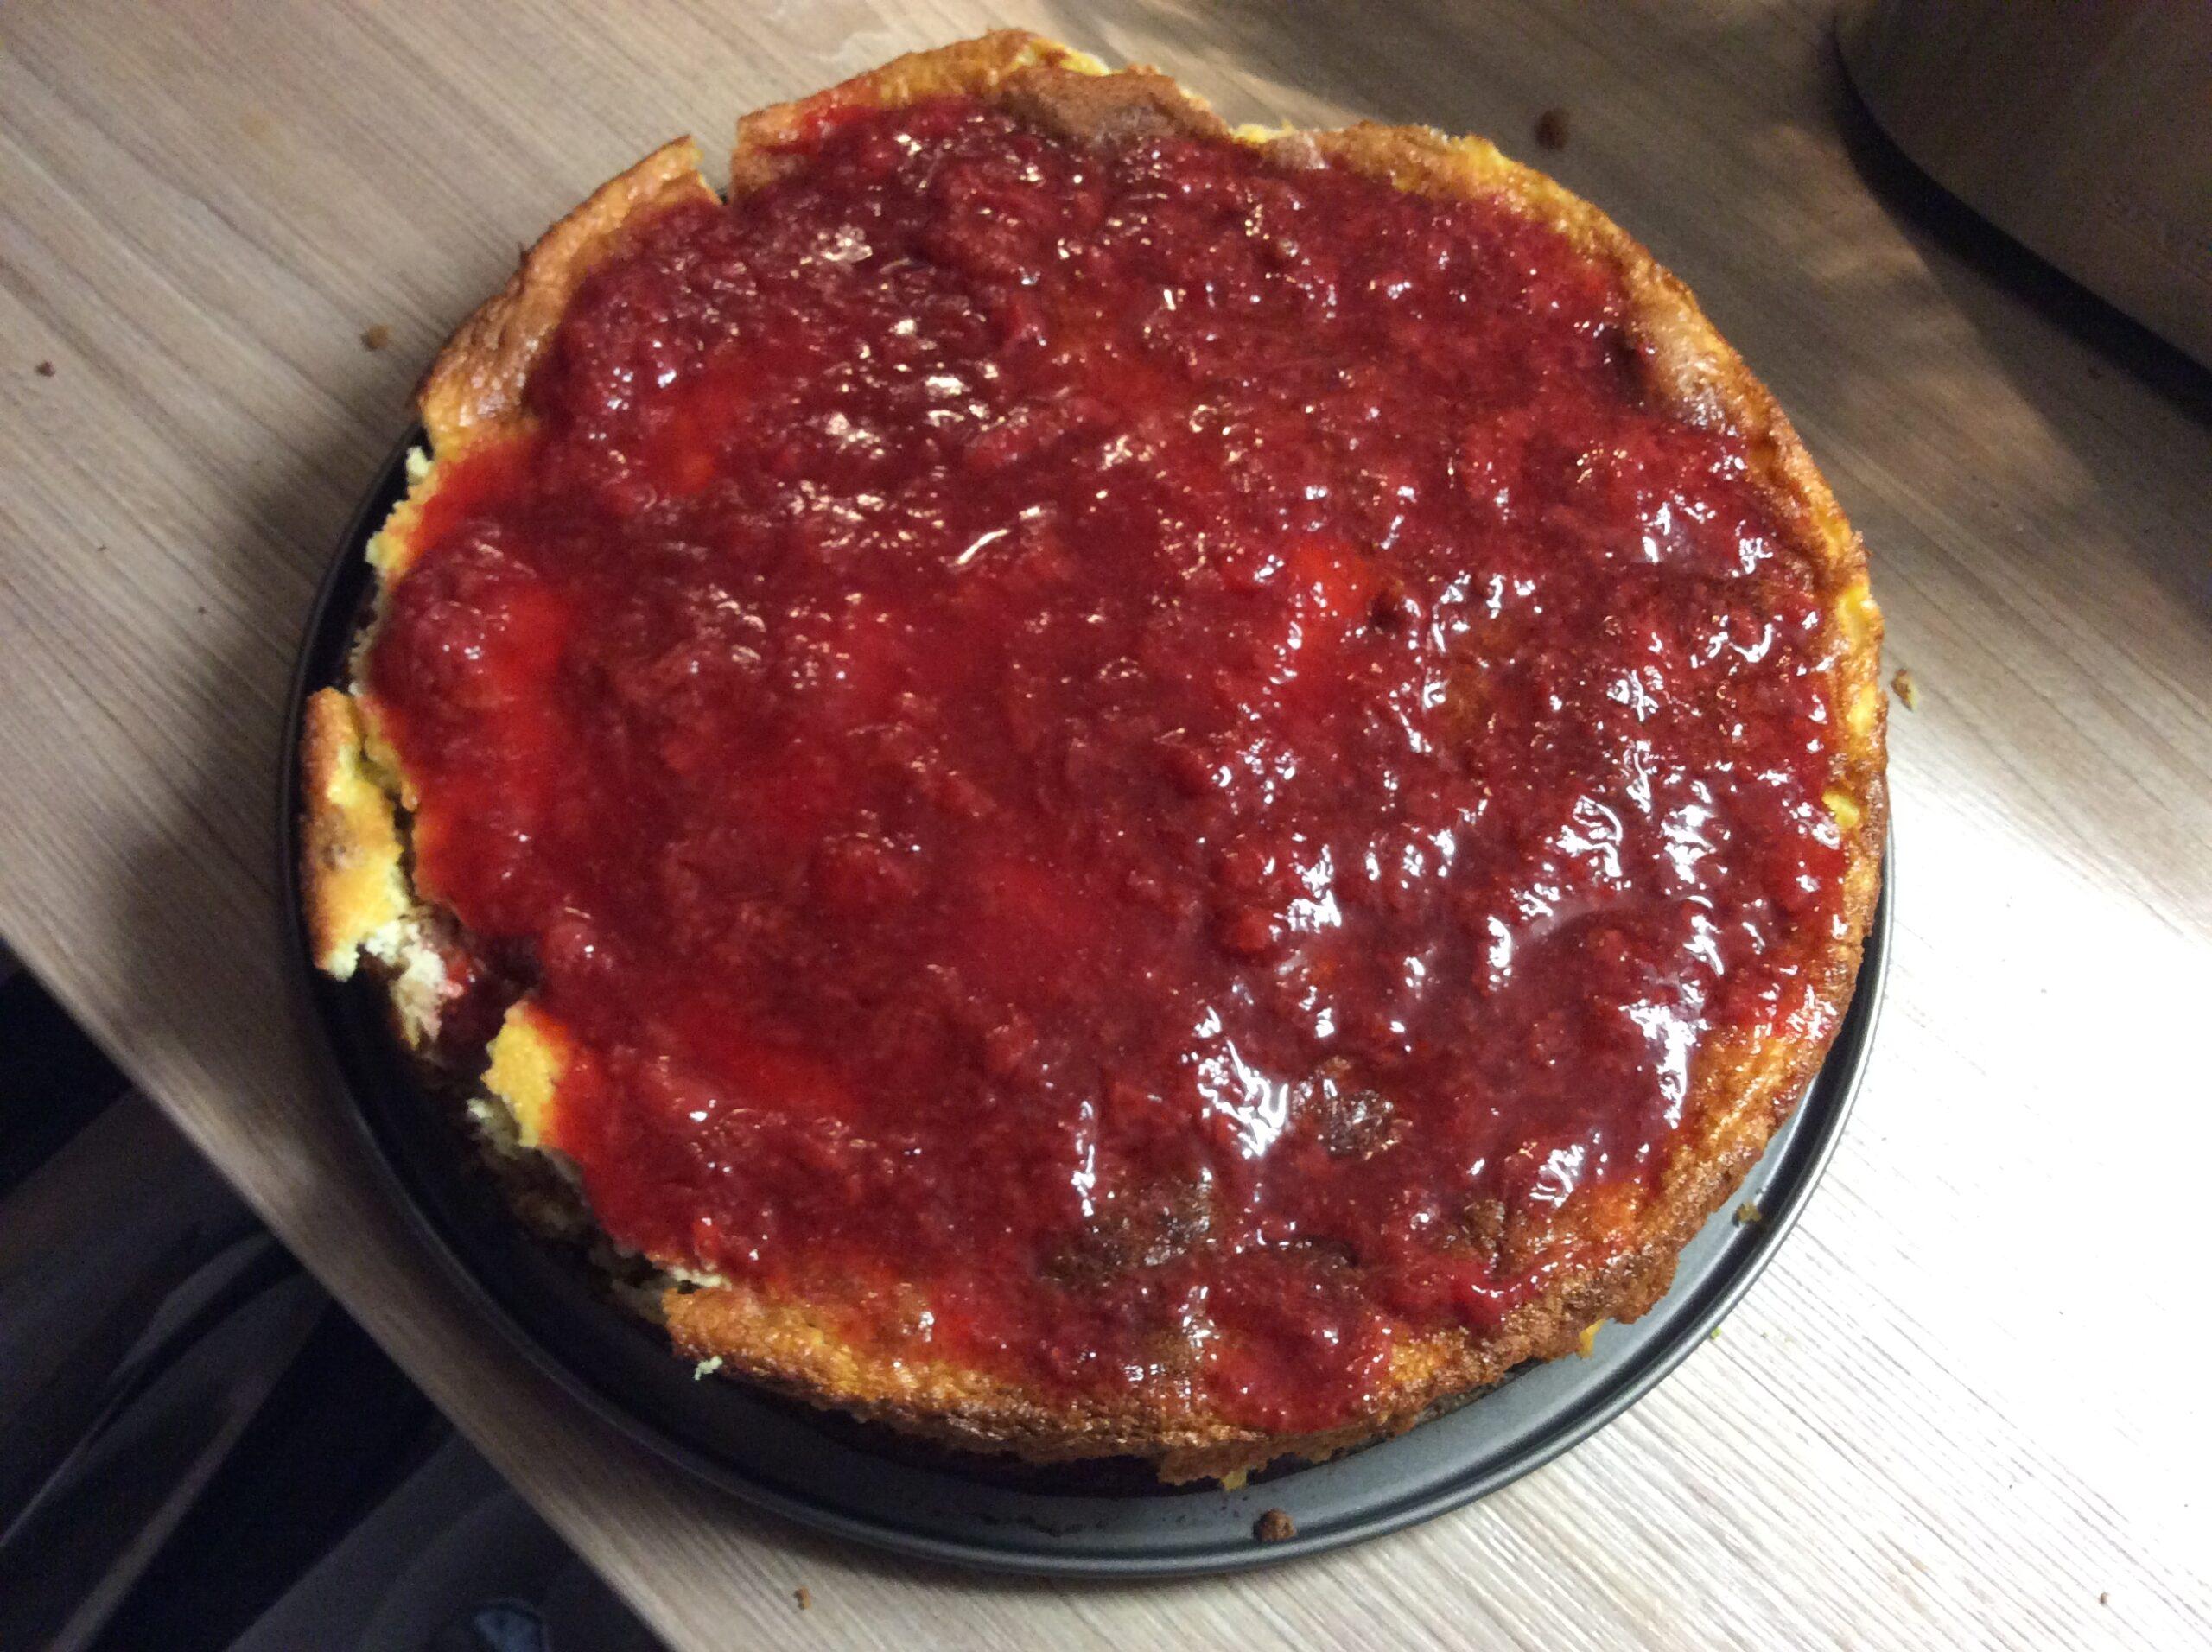 Cheesecake with homemade strawberry jam